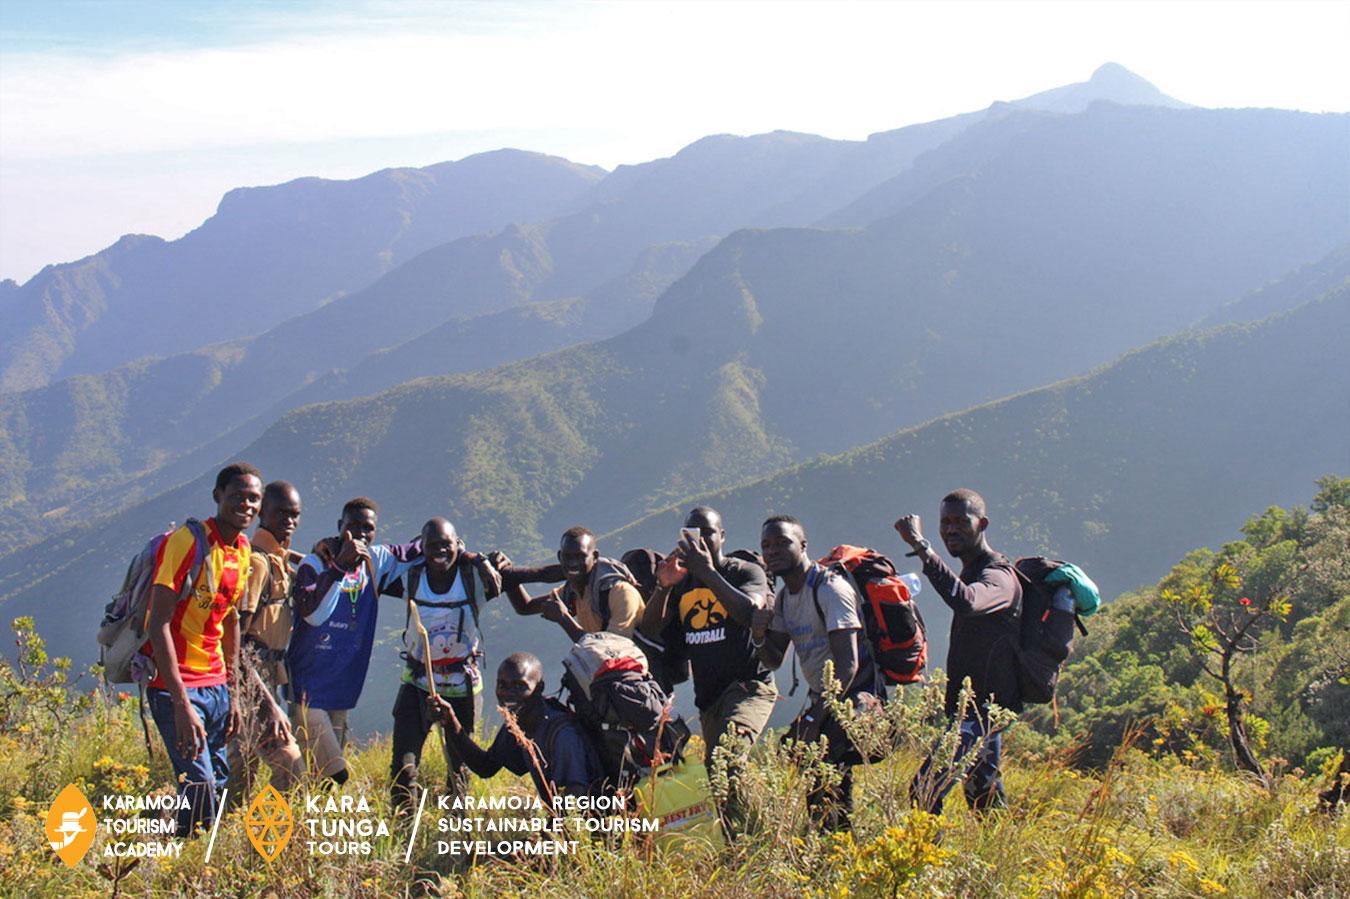 kara-tunga-karamoja-uganda-tours-moroto-hiking-guides-52